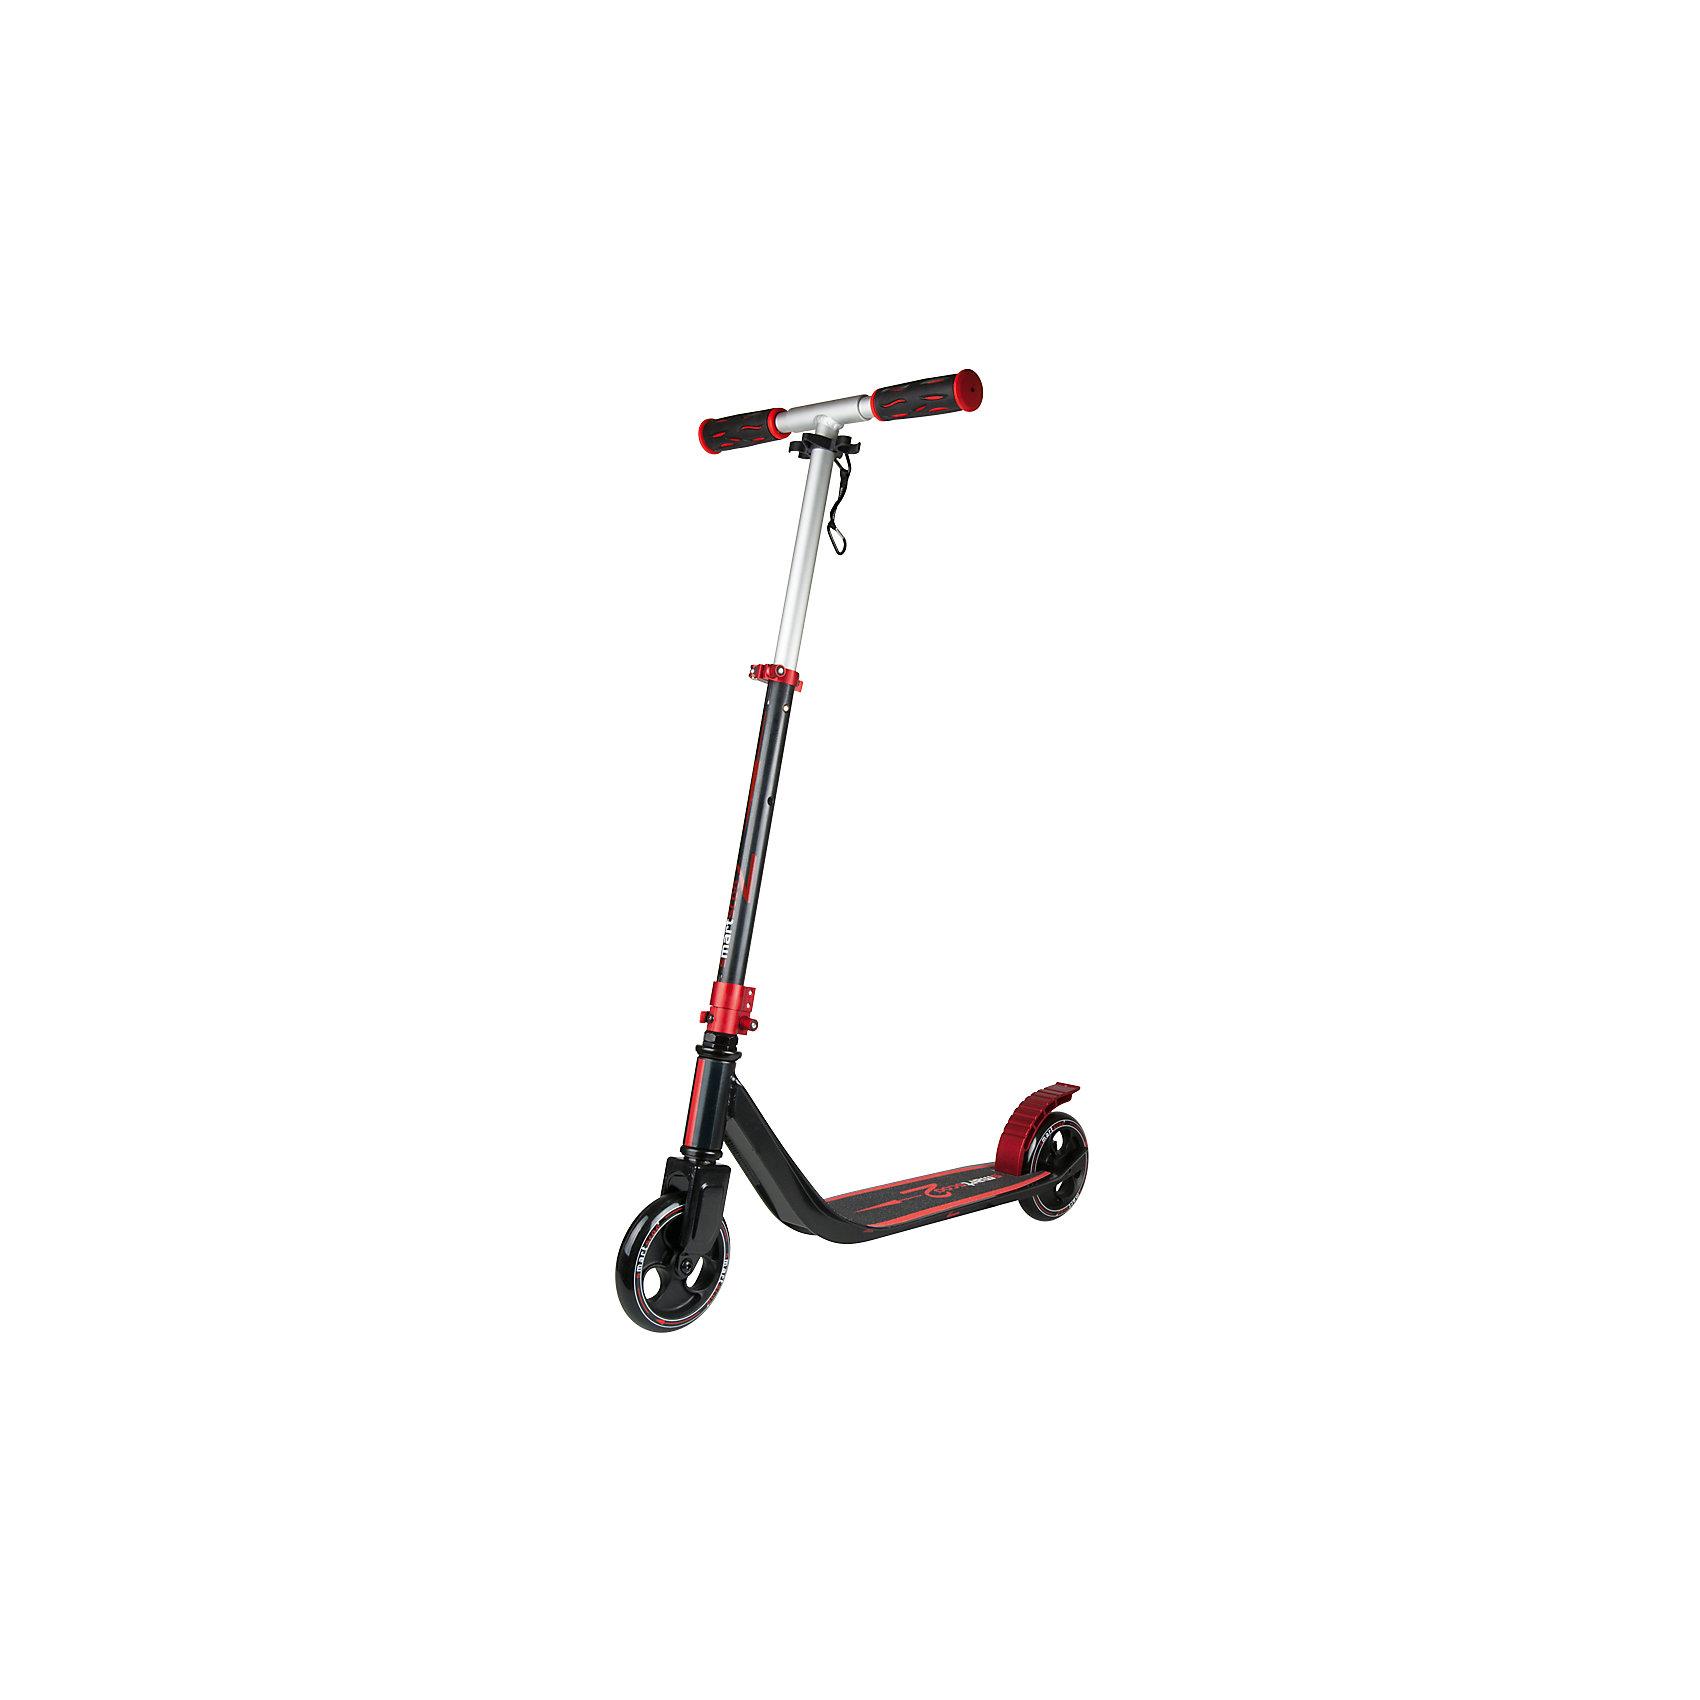 Самокат Smartscoo2 Straight RedДвухколесный складной Самокат Smartscoo2 Straight Red (Смартку2 Стрэйт Красный) сочетает в себе высокое качество и хорошие технические характеристики. Благодаря большим колесам и скоростному подшипнику АВЕС-5, самокат быстро разгоняется и плавно, бесшумно едет. Задний тормоз (step-on brake) сделает катание безопасным, а размер платформы для ноги и особенный механизм складывания – легким и удобным транспортировку и хранение самоката. Подходит для детей от 4х лет и подростков.<br><br>Характеристики:<br>-Цвет: черно-красный<br>-Бесшумные полиуретановые колеса<br>-Легкий и компактный<br>-Удобно складывающиеся ручки и регулируемая высота руля (от 74 до 96 см)<br>-Самокат предназначен для детей ростом от 105 см<br>-Подшипники: АВЕС-5<br>-Максимальная нагрузка: 100 кг<br>-Рама: алюминий с защитно-декоративным оксидным покрытием<br><br>Дополнительная информация:<br>-Материал: алюминий, полиуретан (колеса), пластик<br>-Диаметр колес: 145 мм<br>-Вес: 3,4 кг<br>-Размер платформы для ноги: 40х12,8 см<br>-Длина самоката: 92 см<br><br>Самокат Smartscoo2 Straight Red (Смартку2 Стрэйт Красный) станет не только развлечением, но и укрепит здоровье подростка: катание на самокате развивает мышцы всего тела, координацию движений и вестибулярный аппарат, и даже тренирует глаза!<br><br>Самокат Smartscoo2 Straight Red (Смартку2 Стрэйт Красный) можно купить в нашем магазине.<br><br>Ширина мм: 580<br>Глубина мм: 120<br>Высота мм: 870<br>Вес г: 3400<br>Возраст от месяцев: 72<br>Возраст до месяцев: 144<br>Пол: Унисекс<br>Возраст: Детский<br>SKU: 4001638